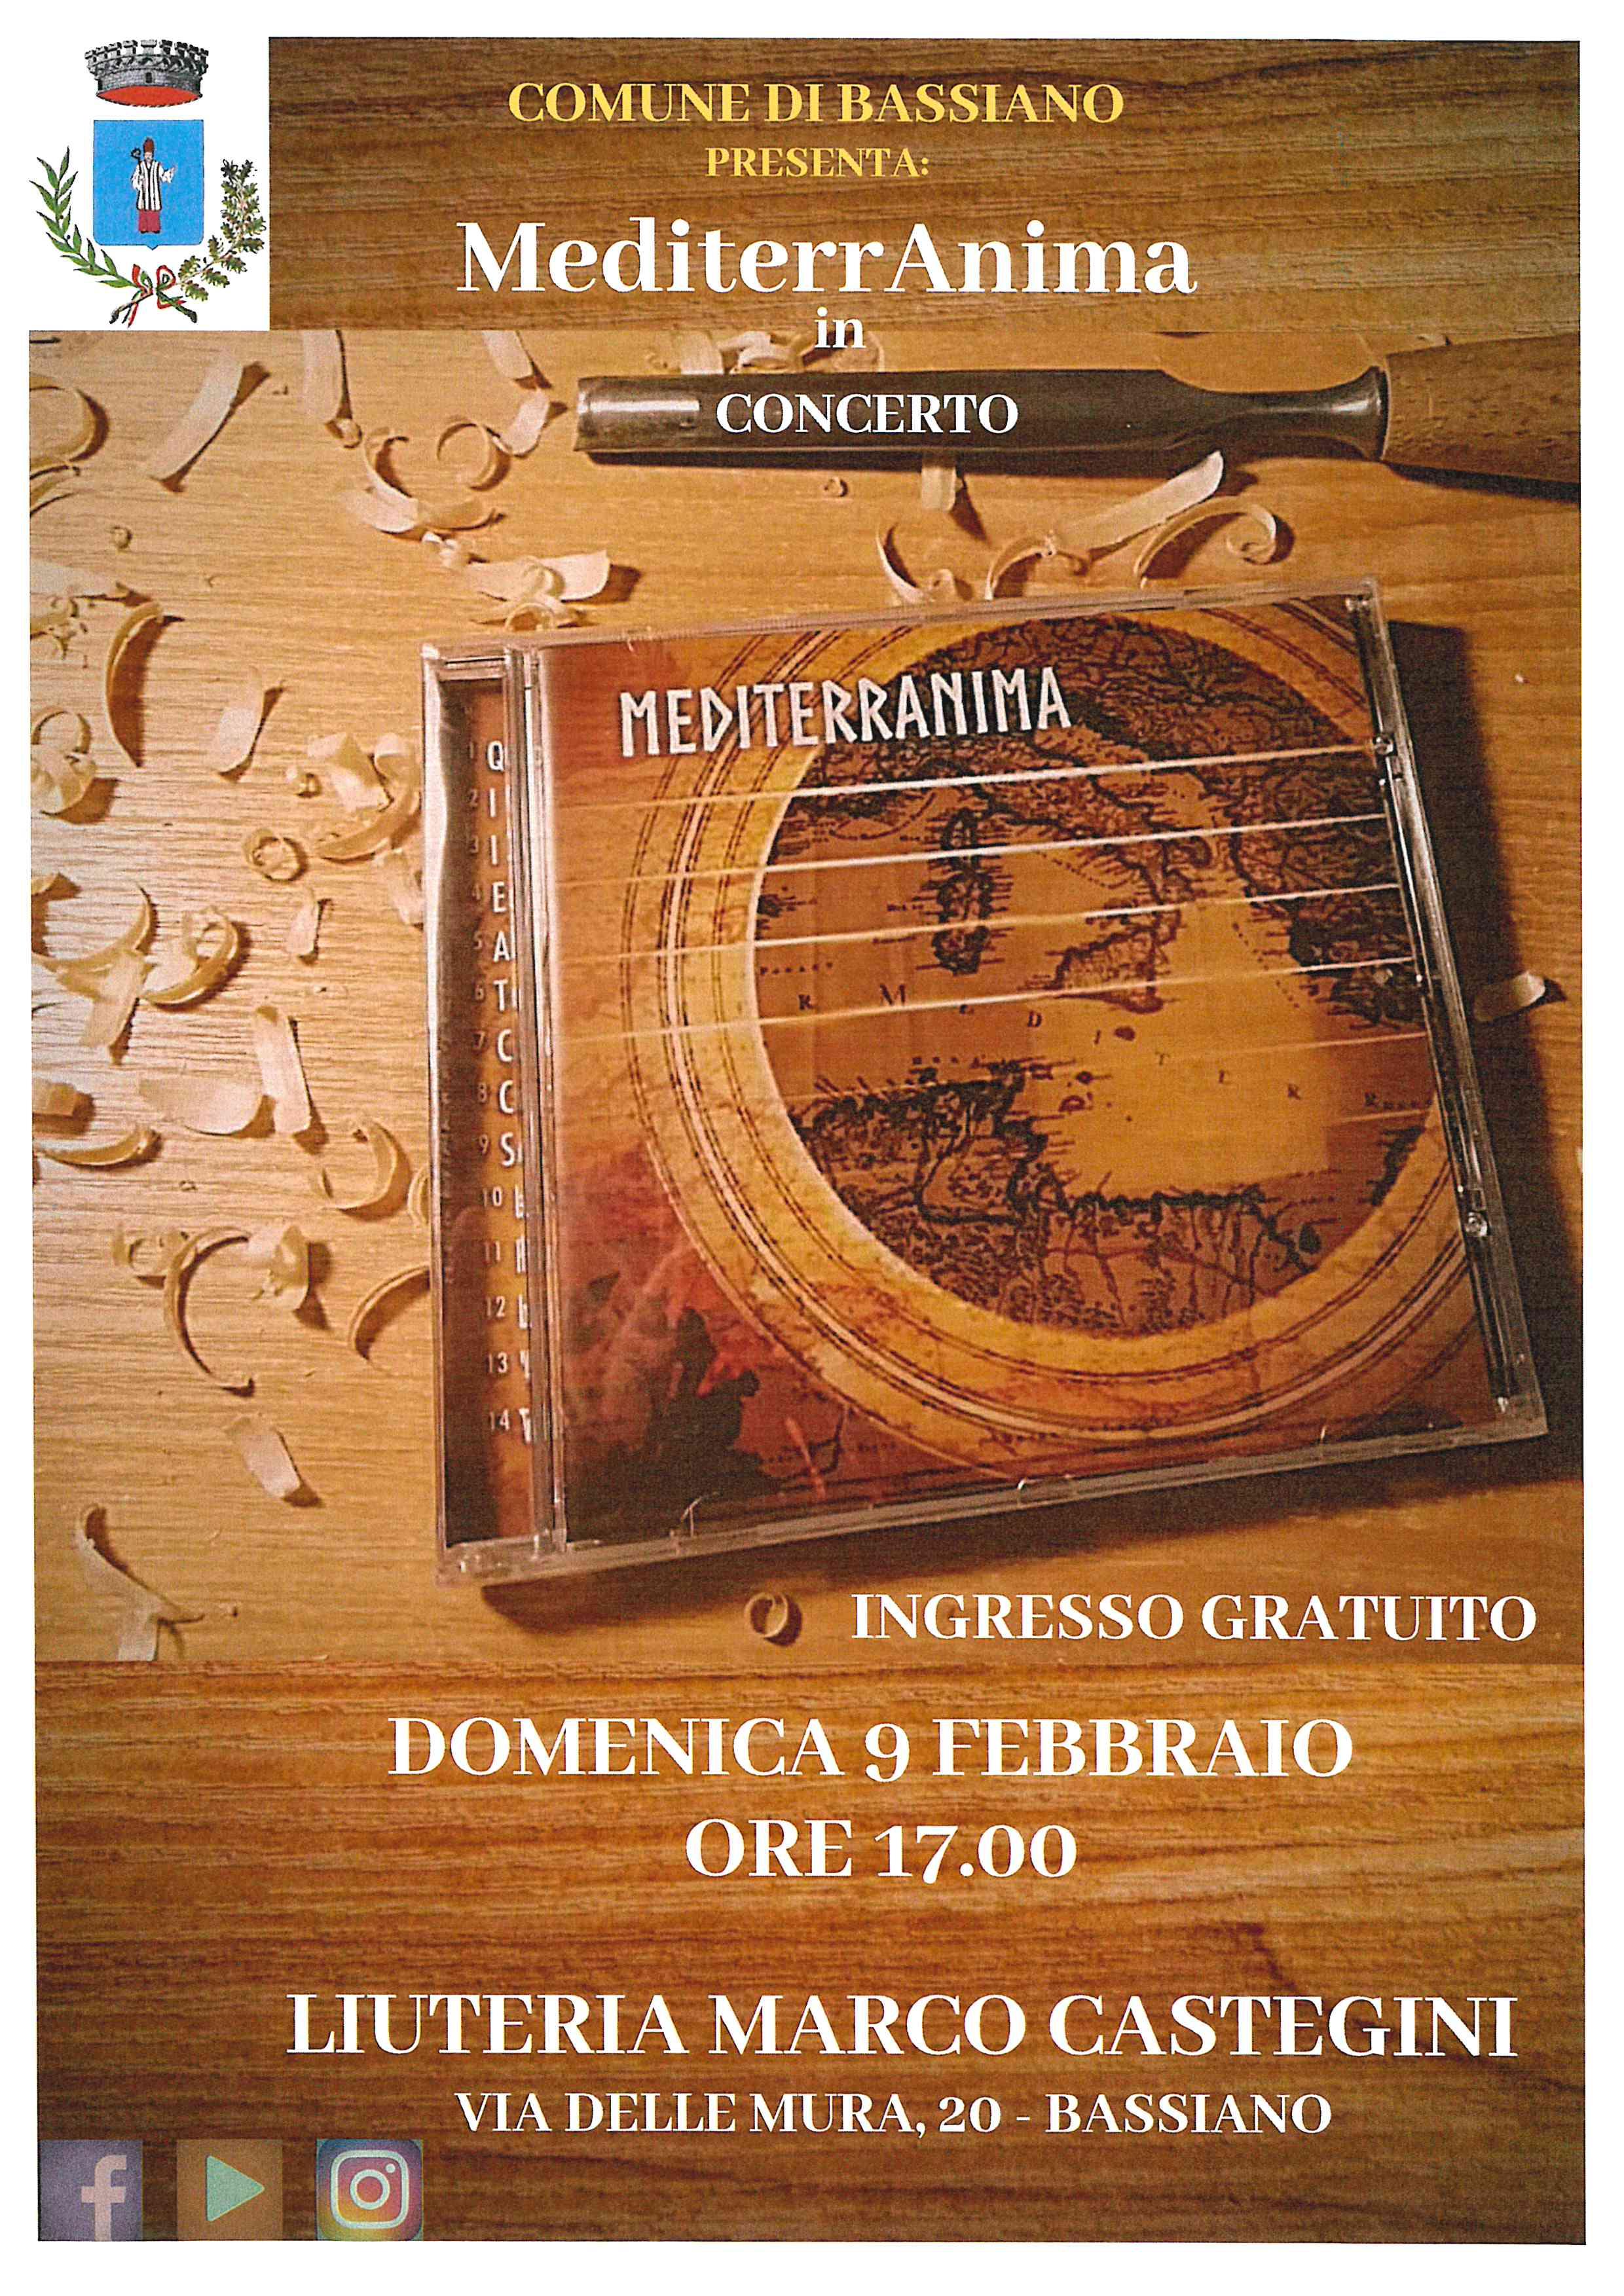 MEDITERRANIMA IN CONCERTO DOMENICA 9 FEBBRAIO ORE 17:00 PRESSO LIUTERIA MARCO CASTEGINI, Via delle Mura n. 20